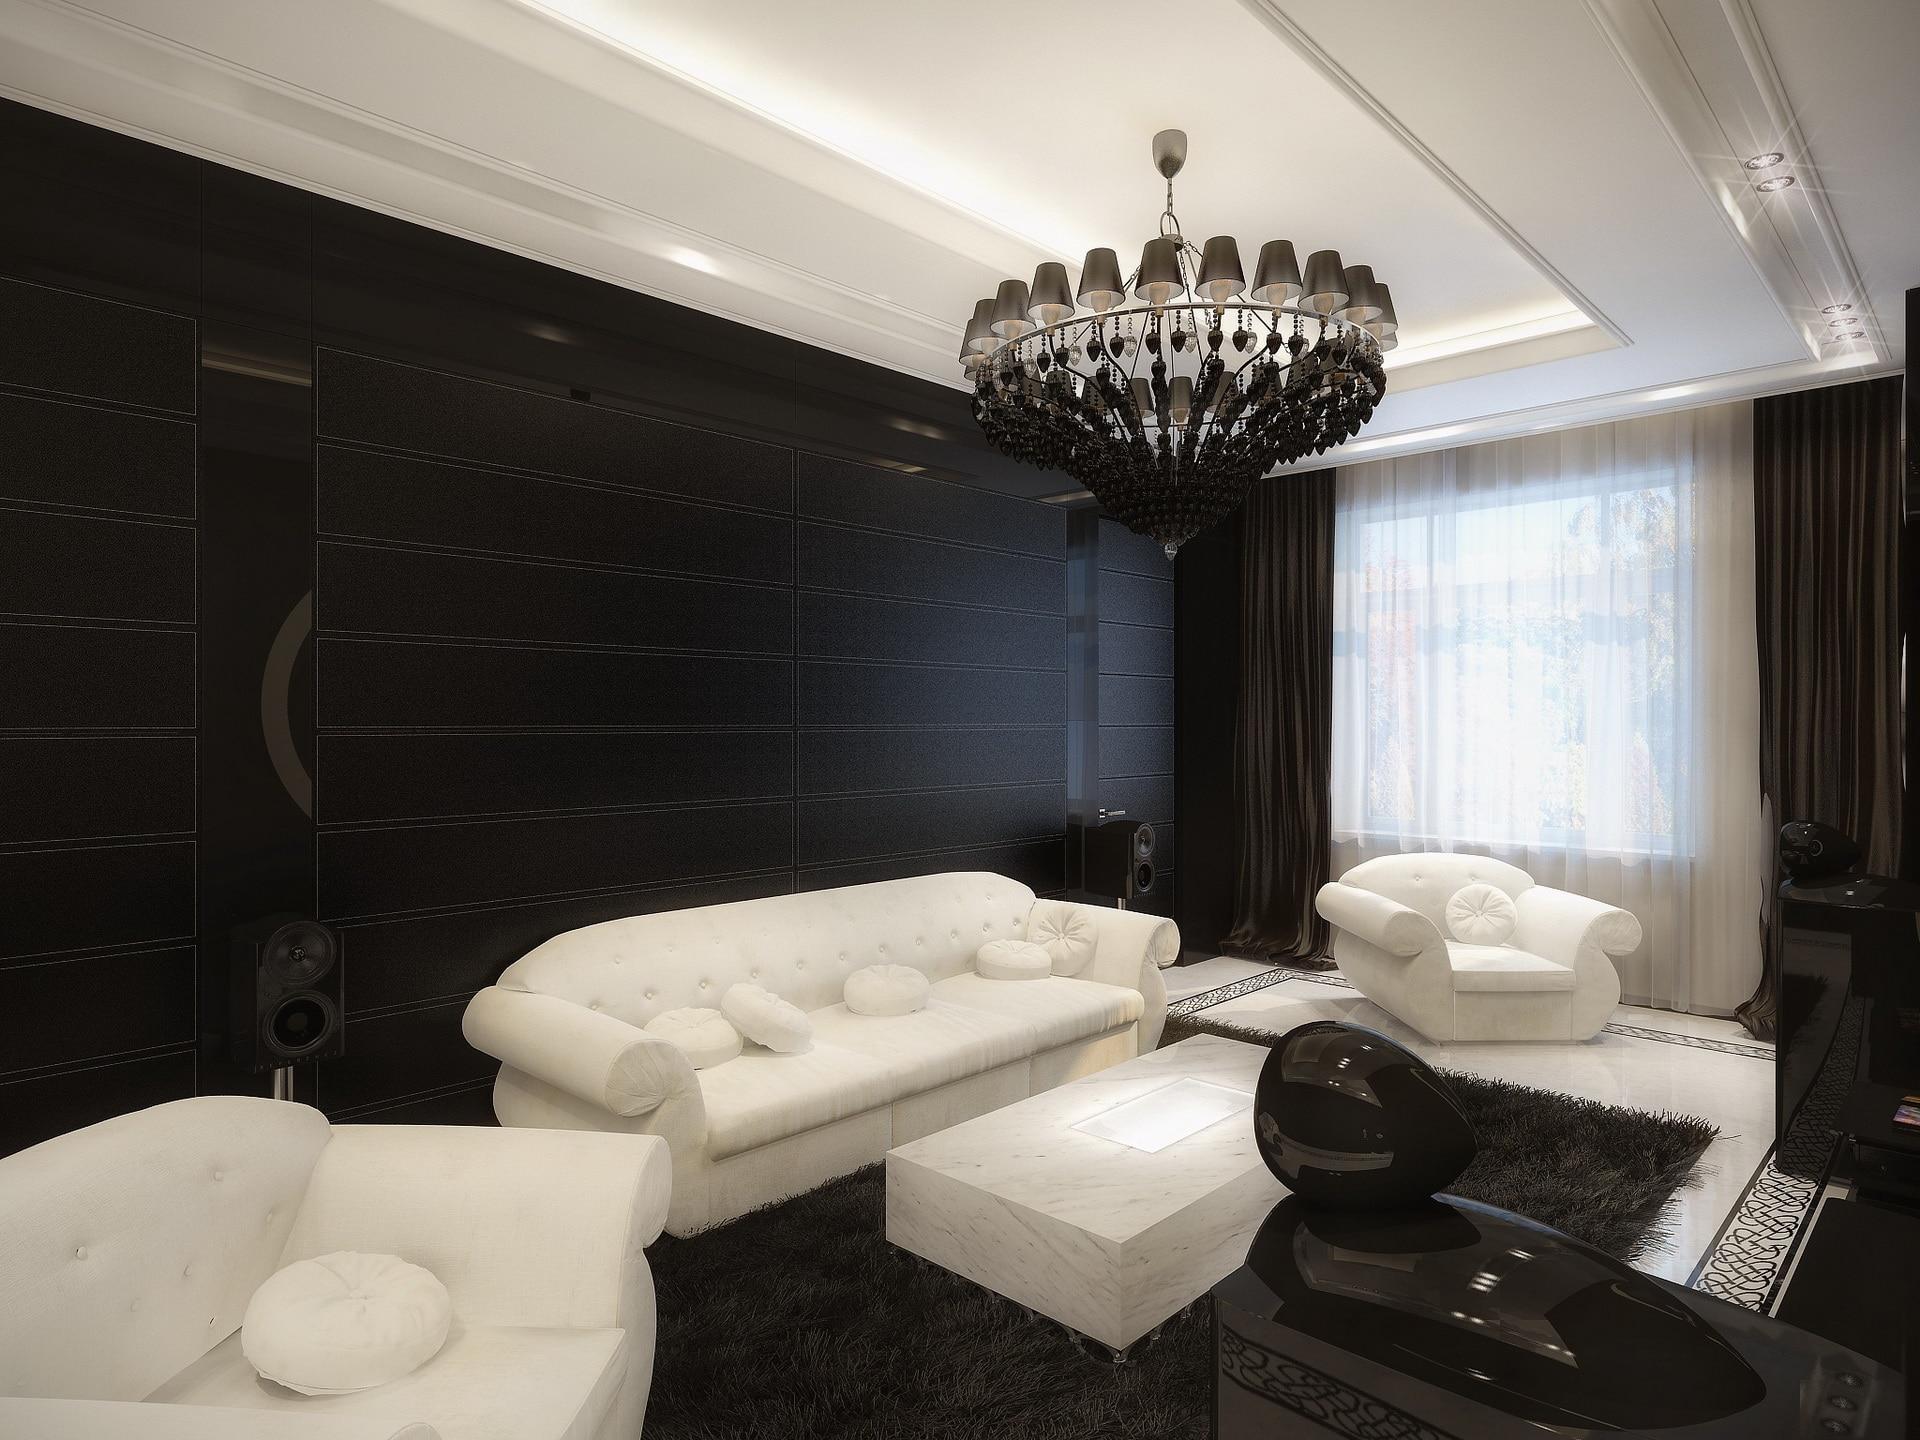 Decoraci n de interiores estilo retro fotos de dise os - Decoracion salon blanco y negro ...